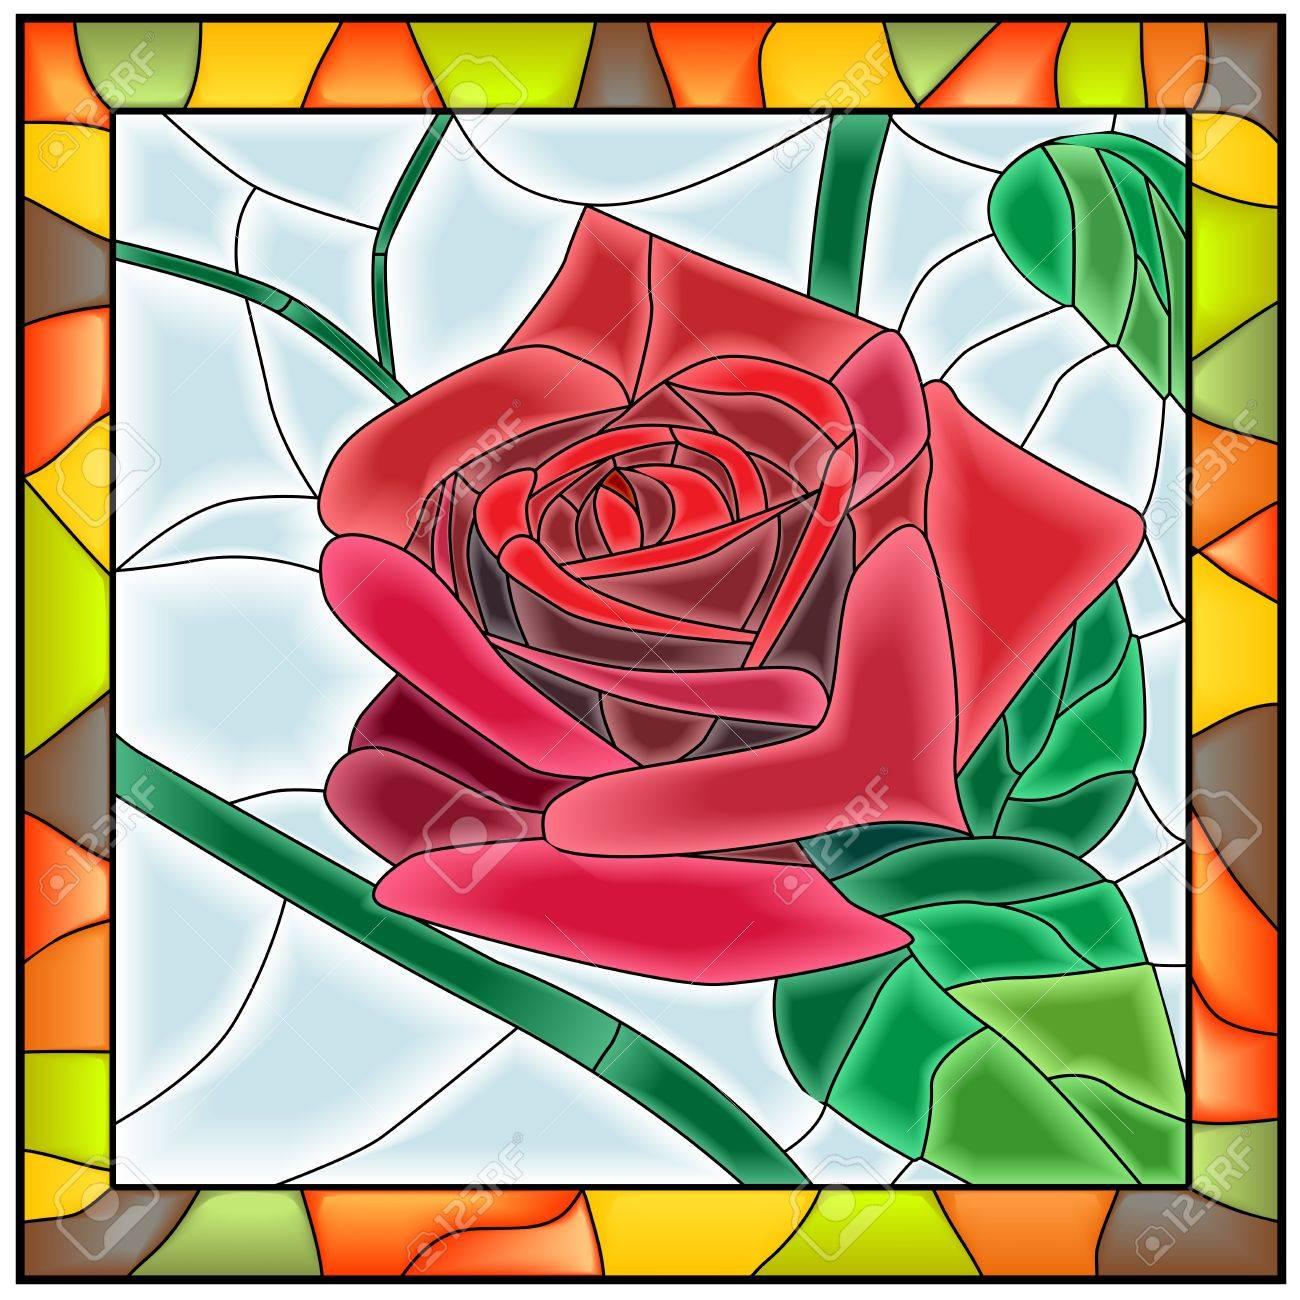 Ilustración Del Vector De La Flor Rosa Roja En La Vidriera Con Marco ...